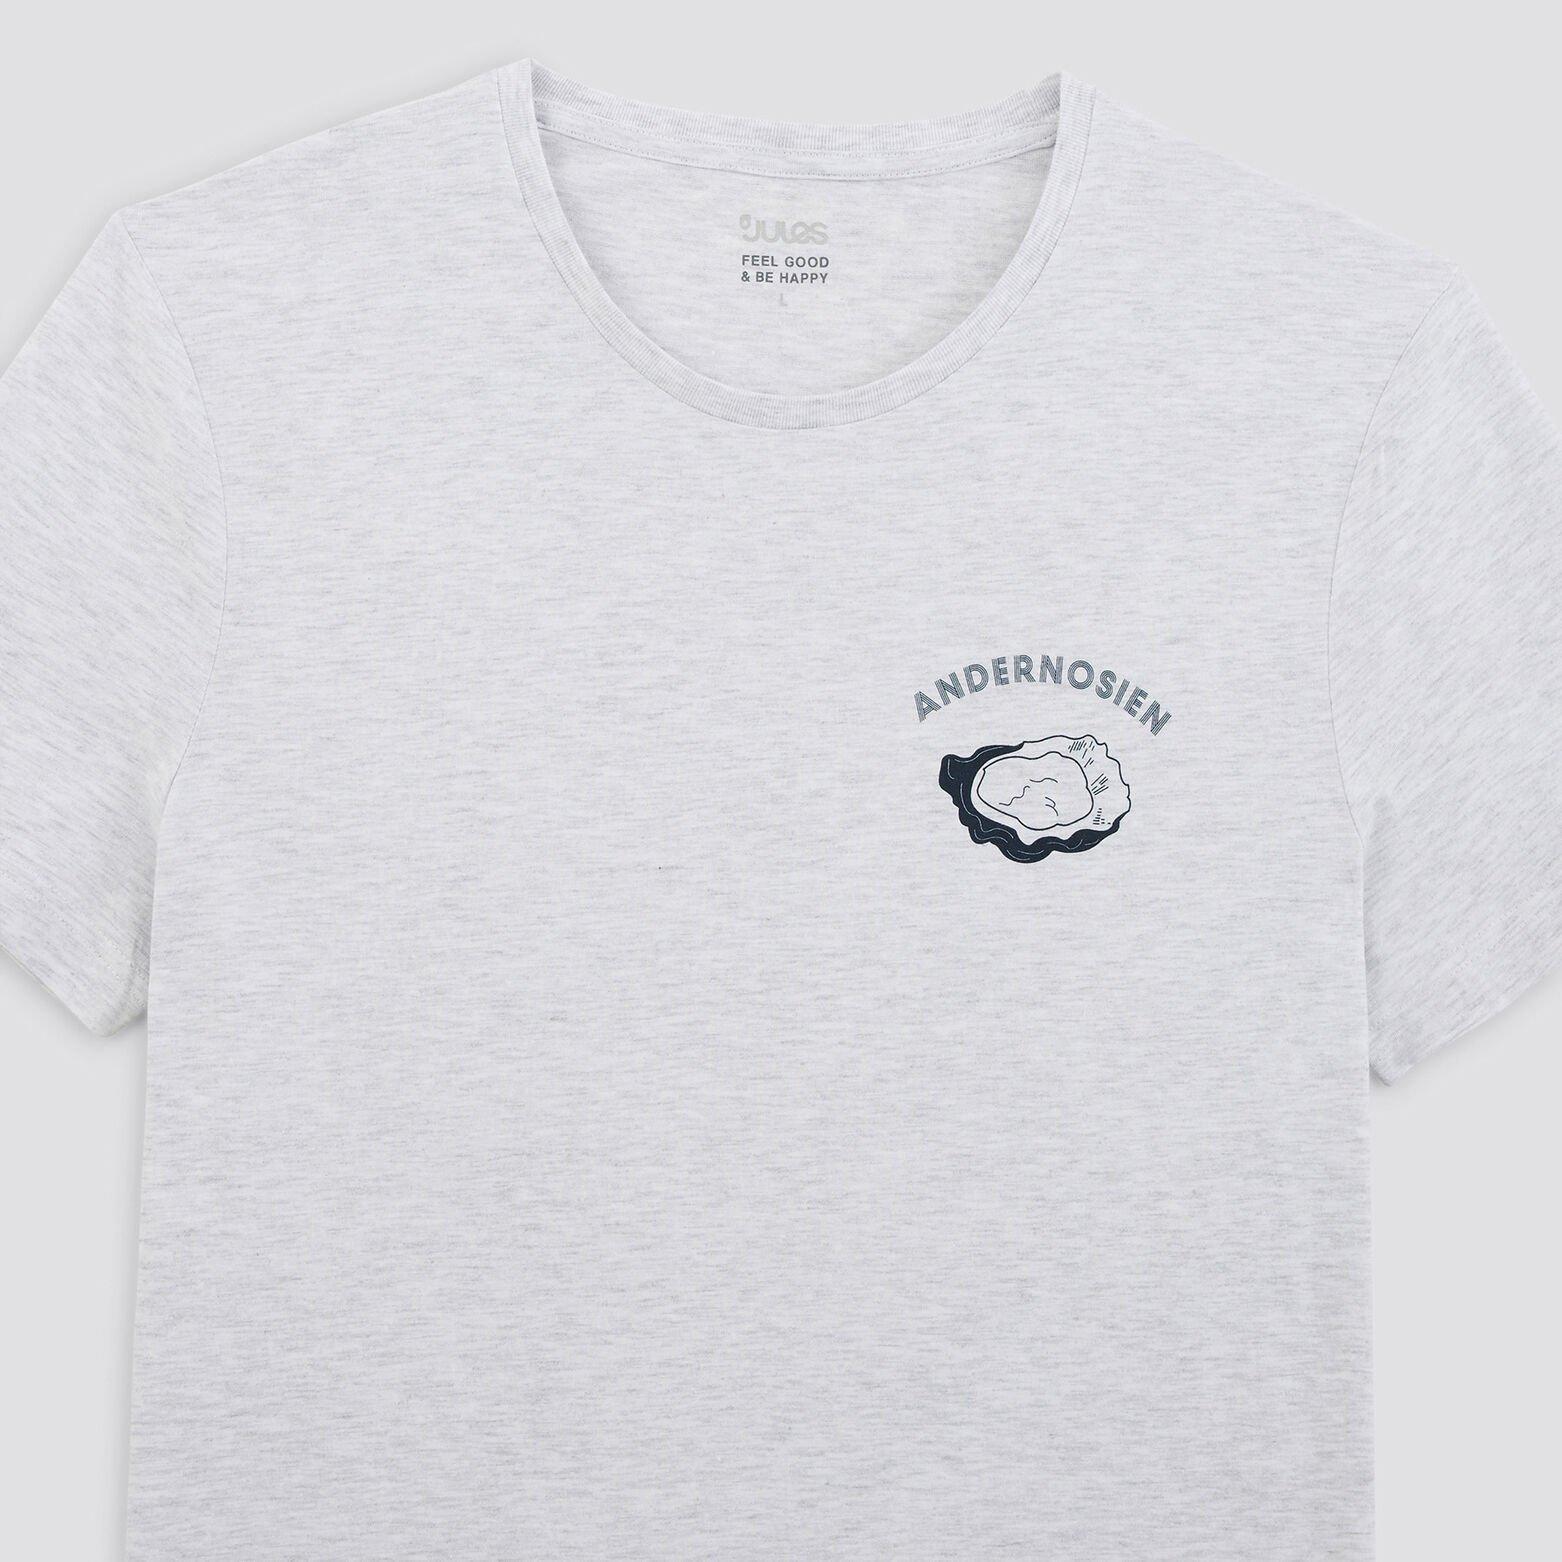 Tee-shirt ANDERNOSIEN